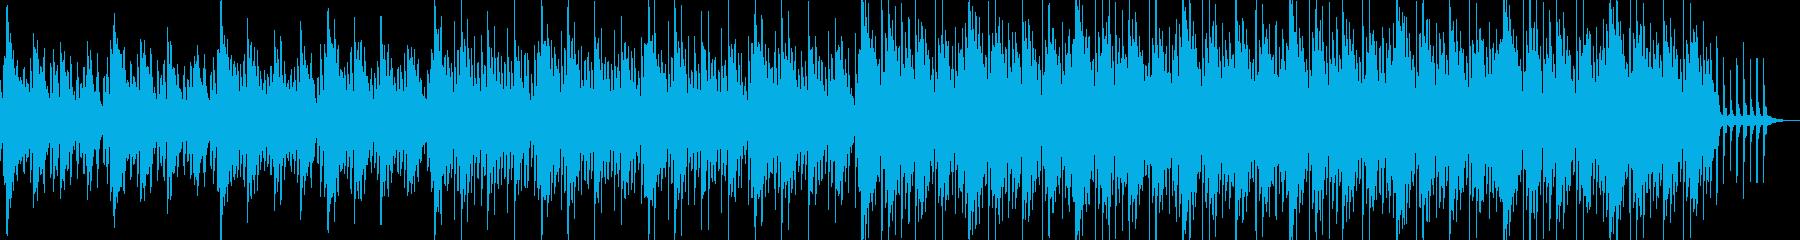 ポップで可愛らしい雰囲気のBGMの再生済みの波形